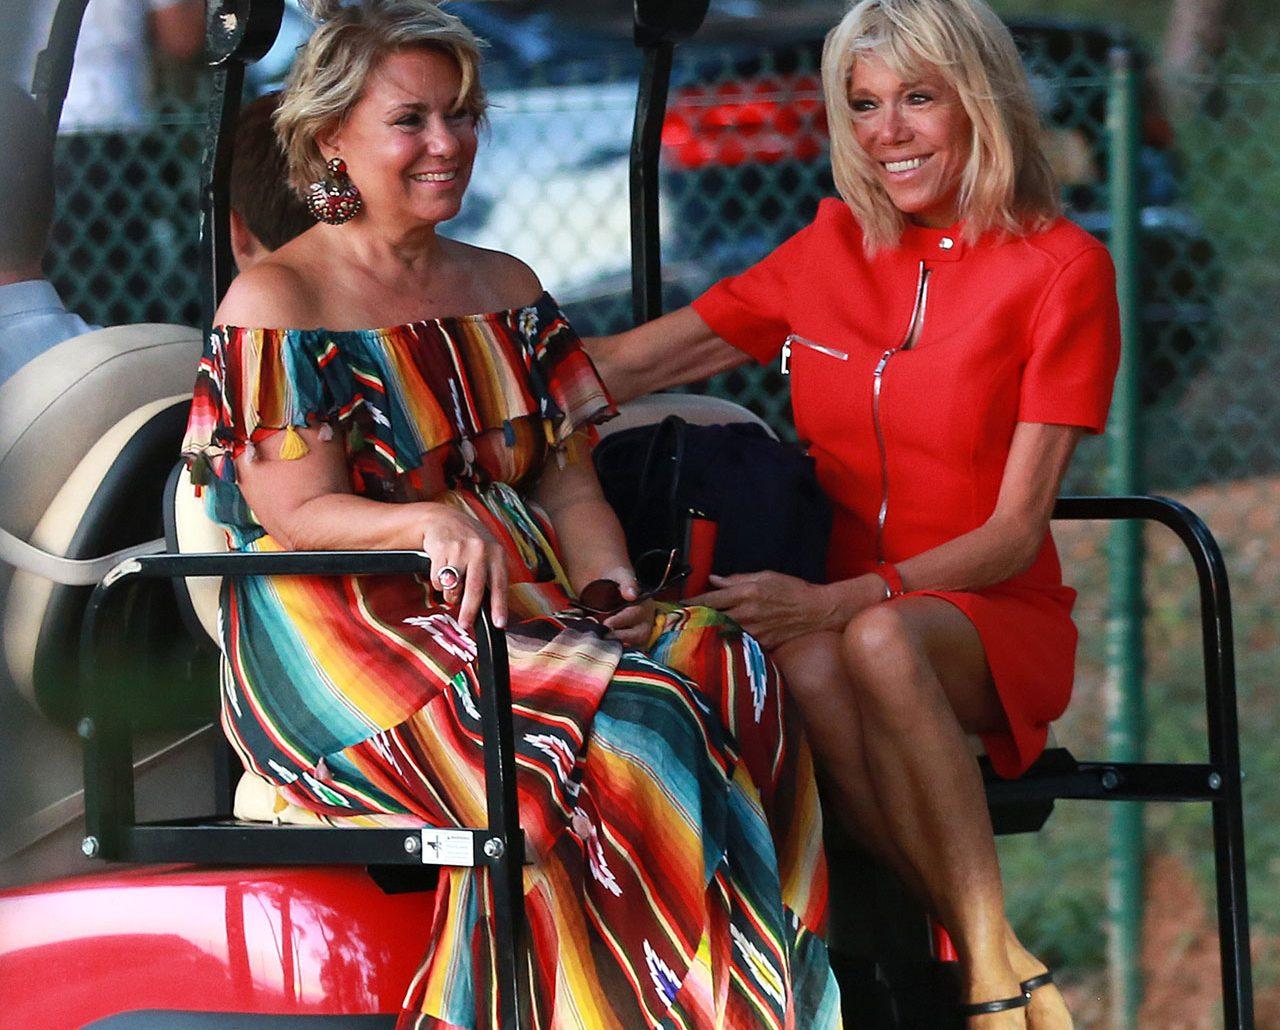 Storhertiginnan Maria Teresa och presidentfrun Brigitte Macron på golfbanan